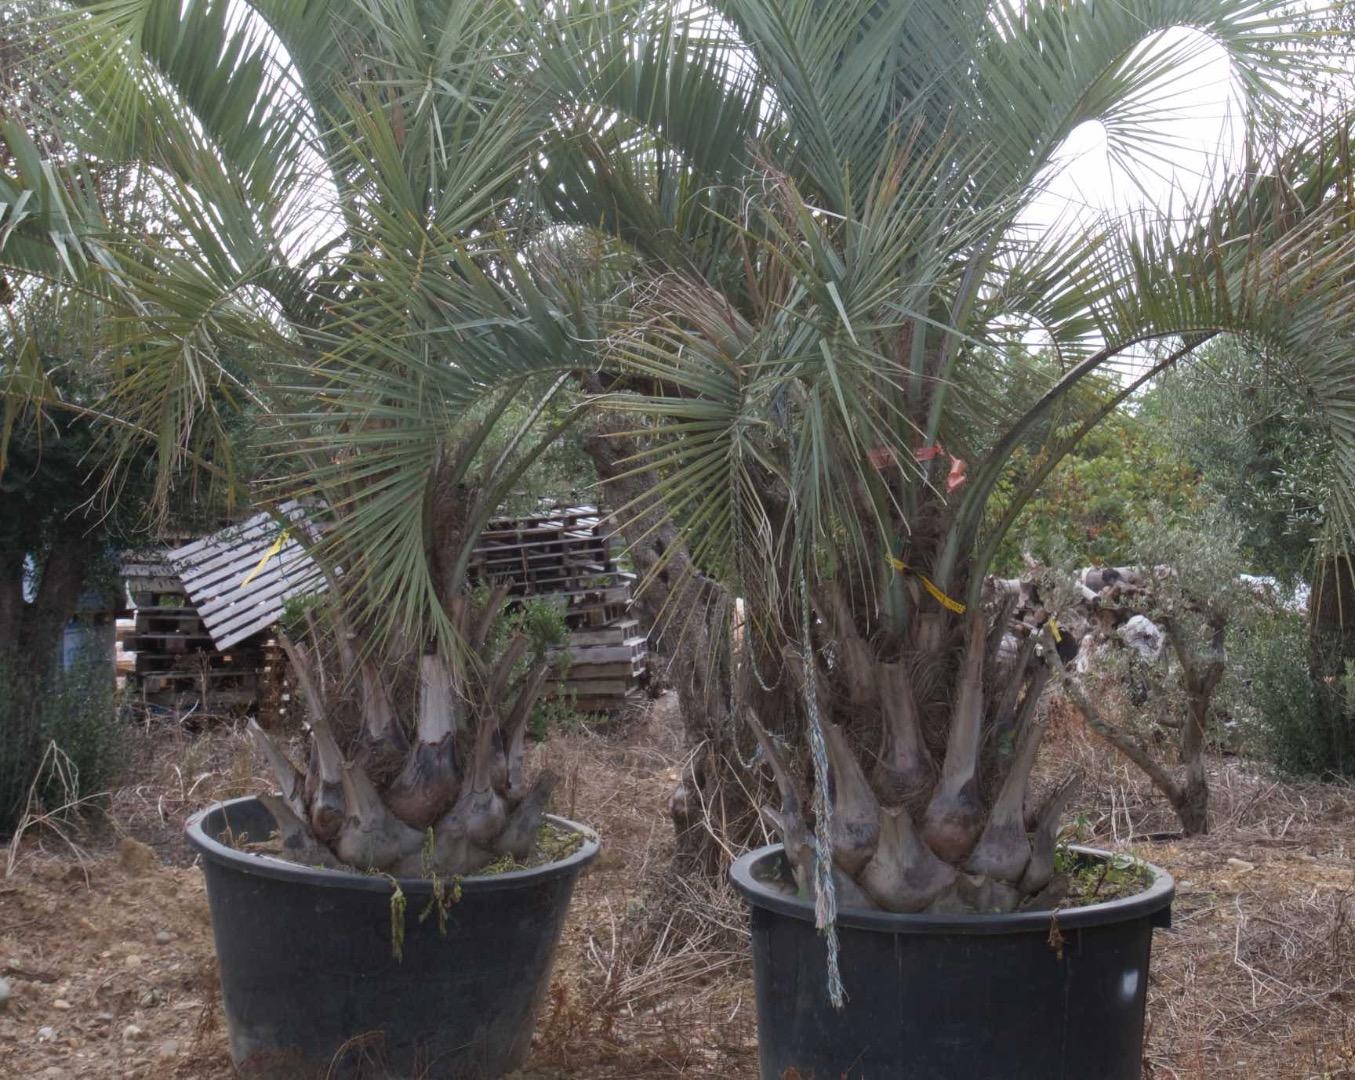 Vente de palmiers de producteur pour le jardin à Toulouse